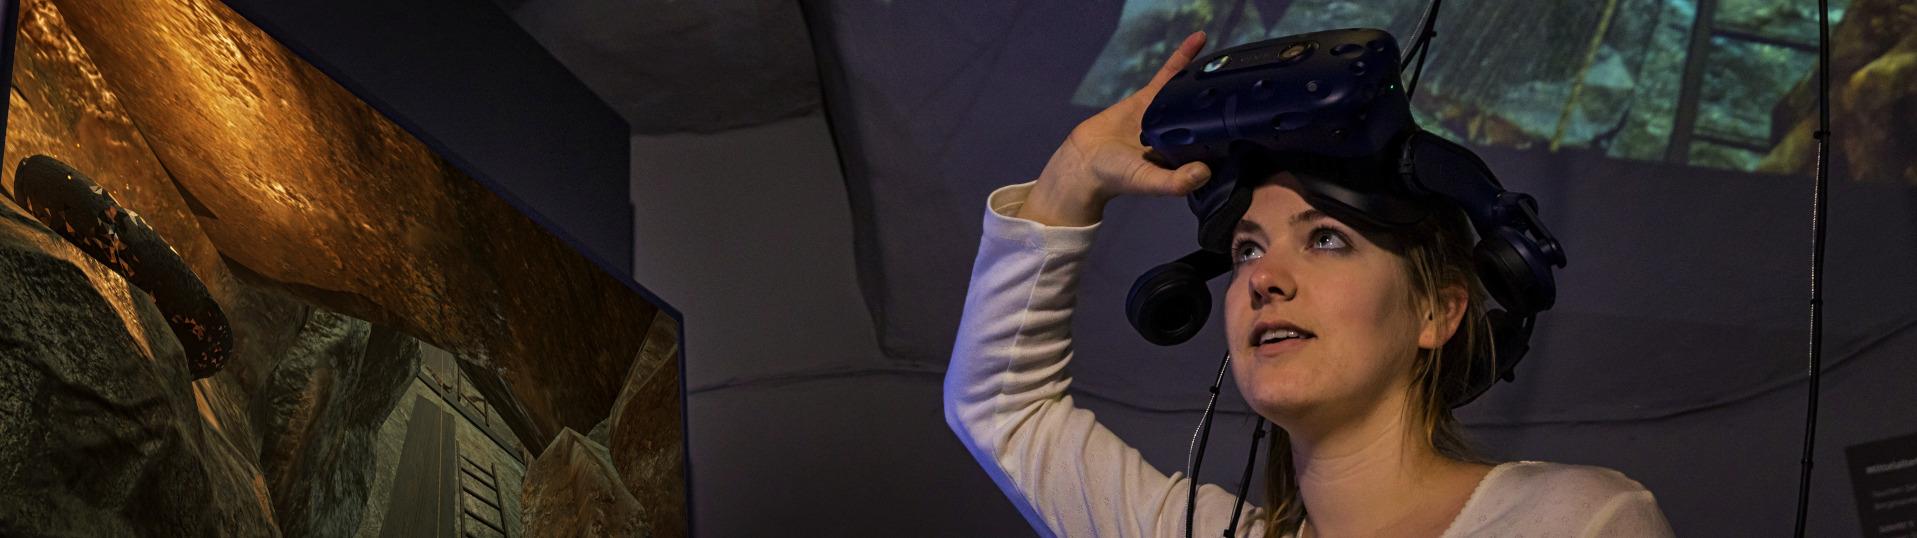 Im MiBERZ kann virtuell zum digitalen Gezähe gegriffen werden!